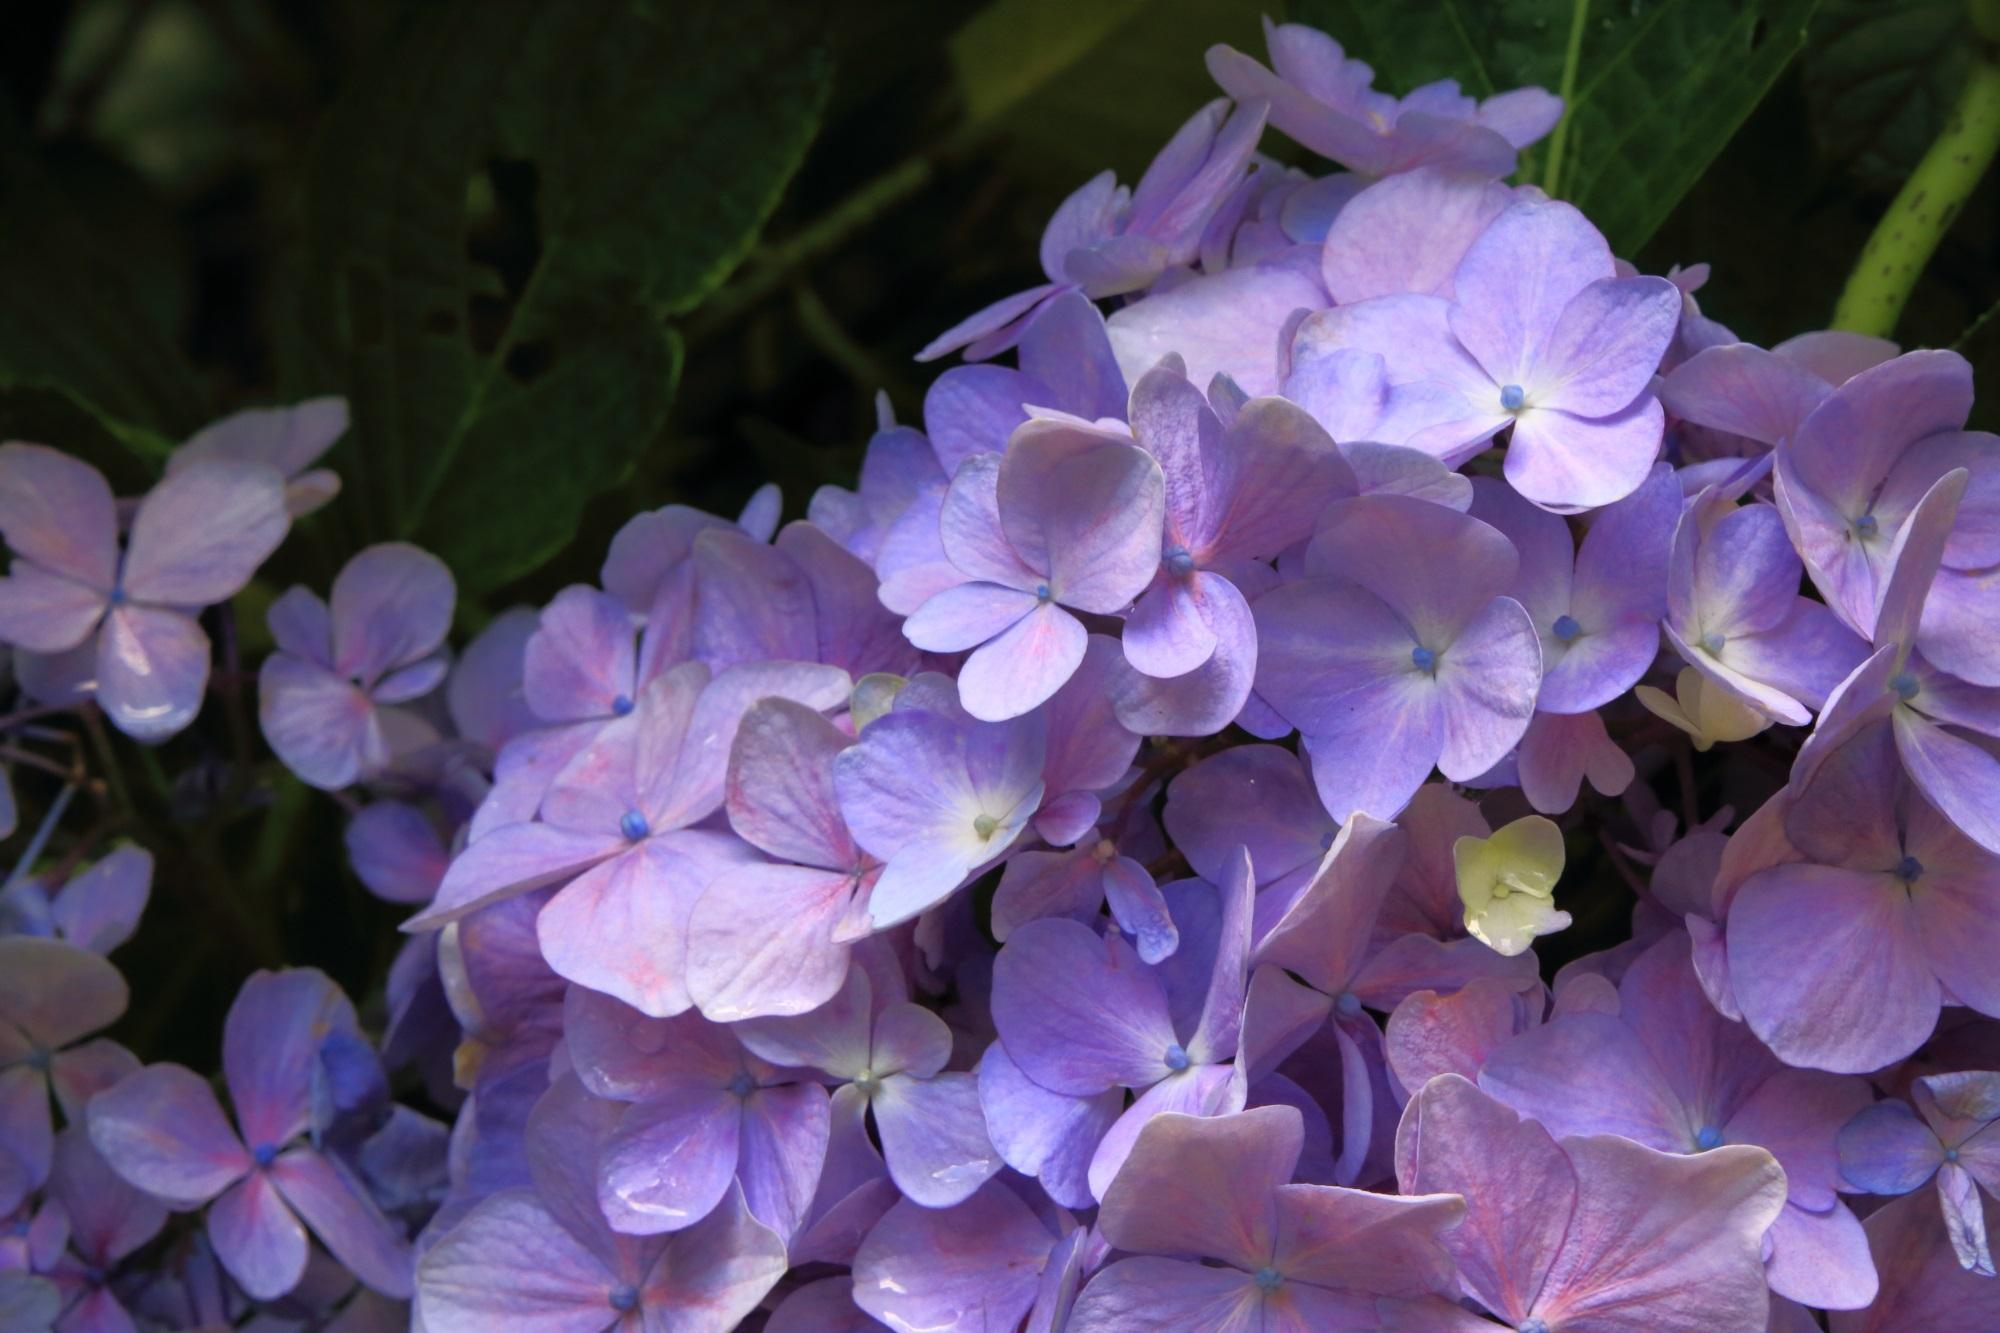 花も傷んでおらず状態も良さそうな岩船寺の紫陽花